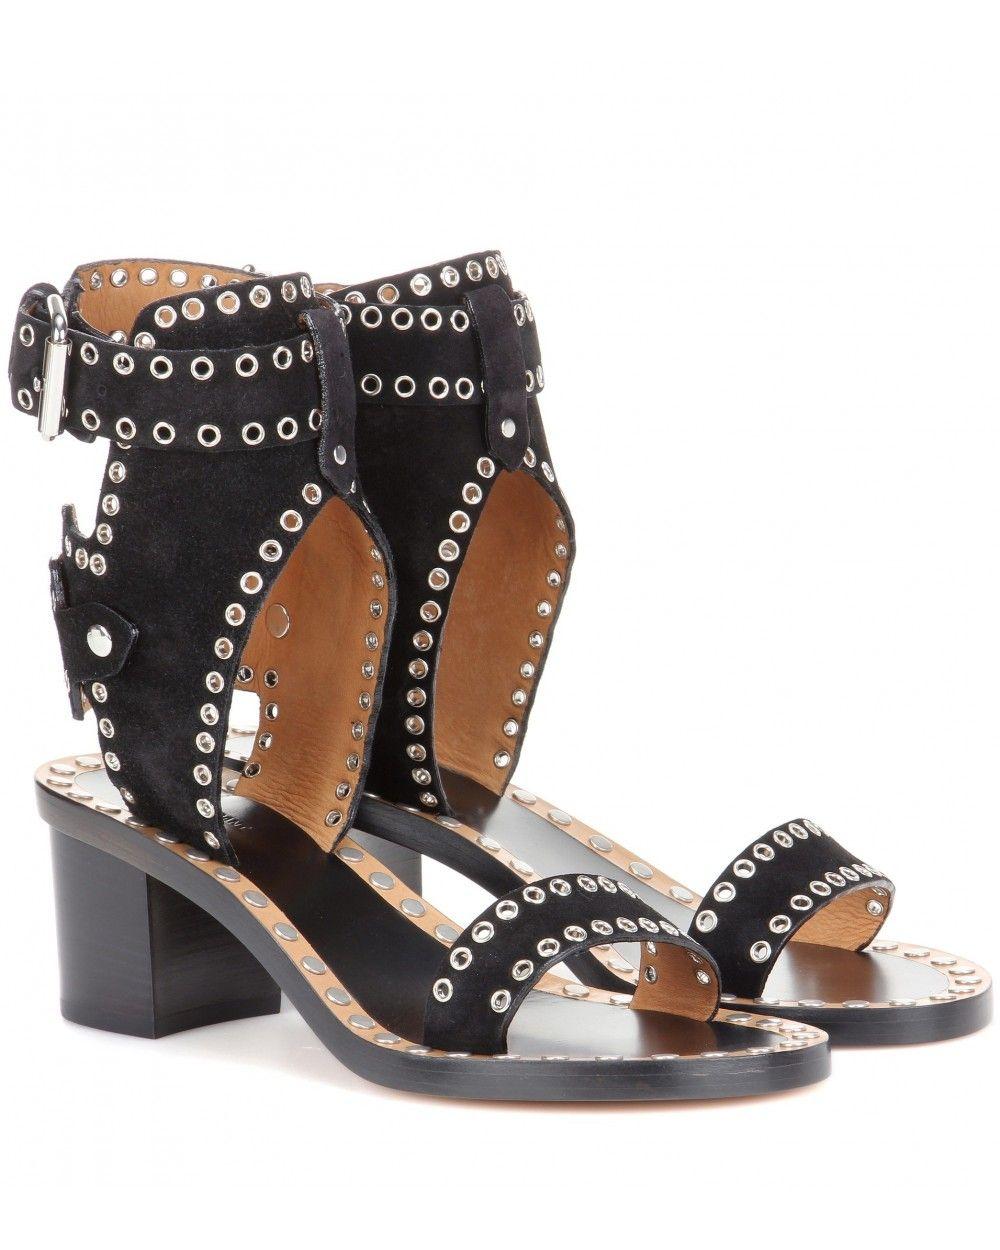 Isabel Marant Jaeryn Embellished Suede Sandals Black Isabel Marant Women Fashion Ss18 Sandals Lifes Bohemian Shoes Embellished Sandals Embellished Shoes